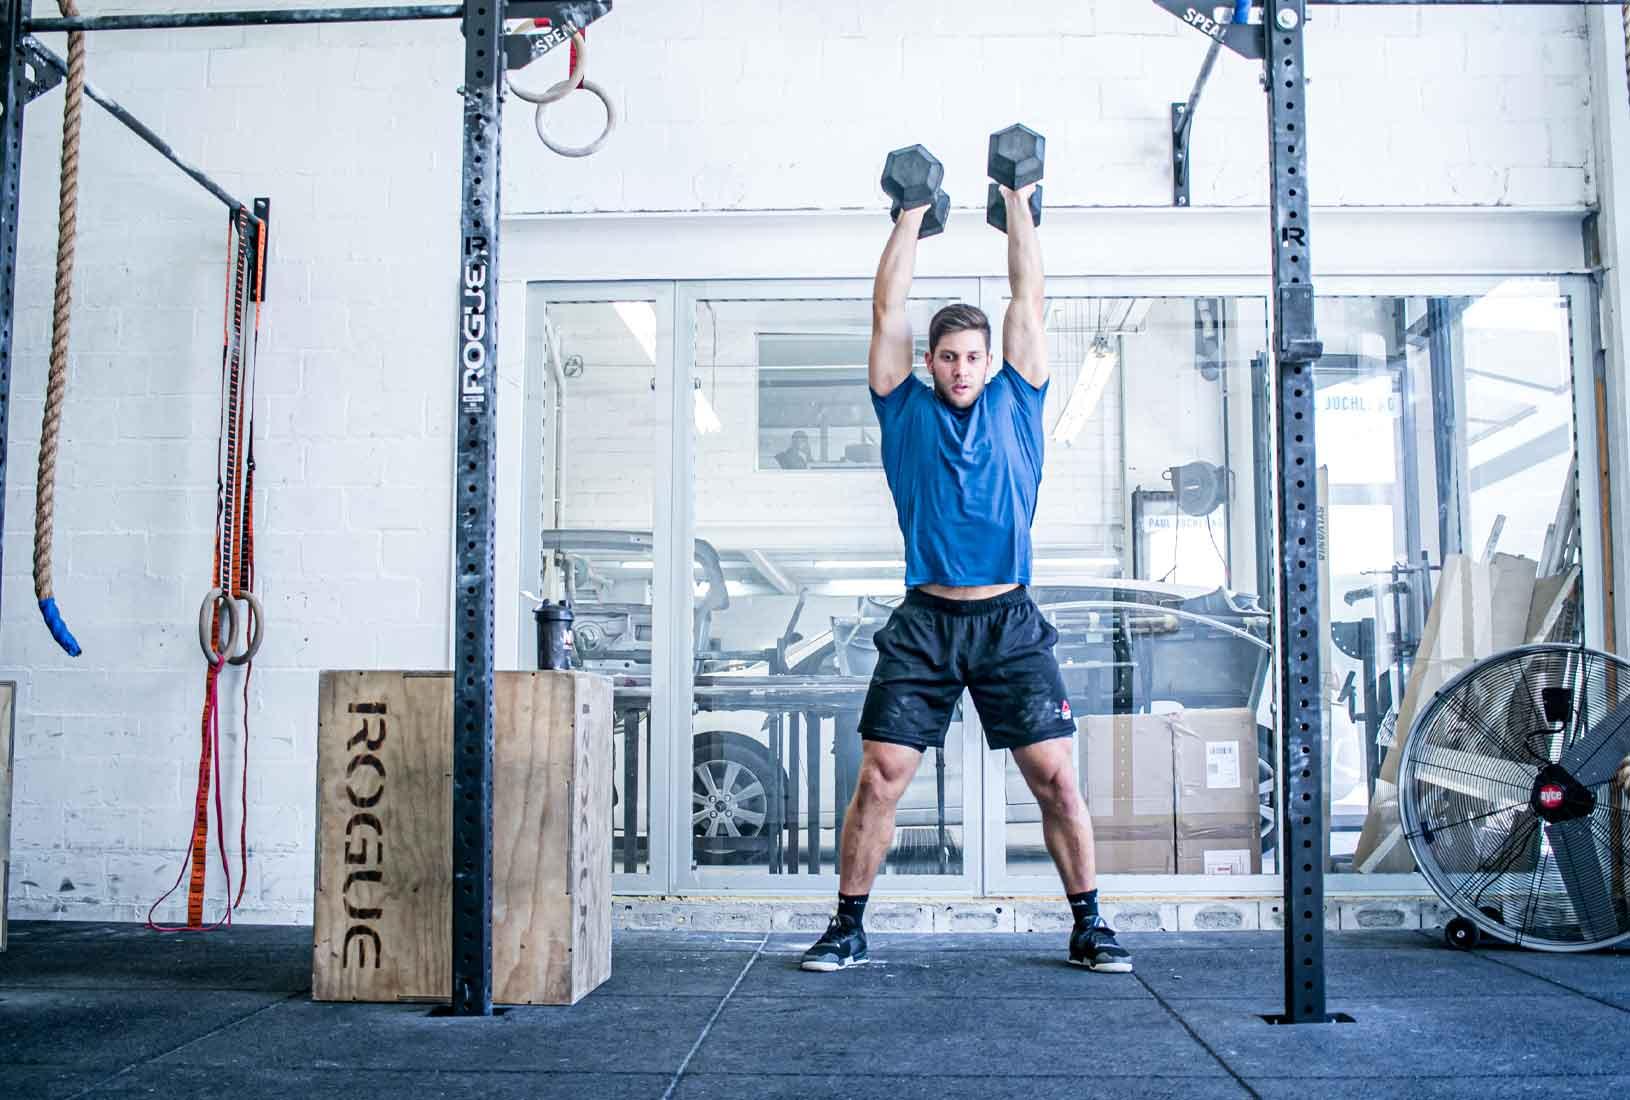 Wieviel Protein brauche ich nach dem Training für maximalen Muskelaufbau? 5